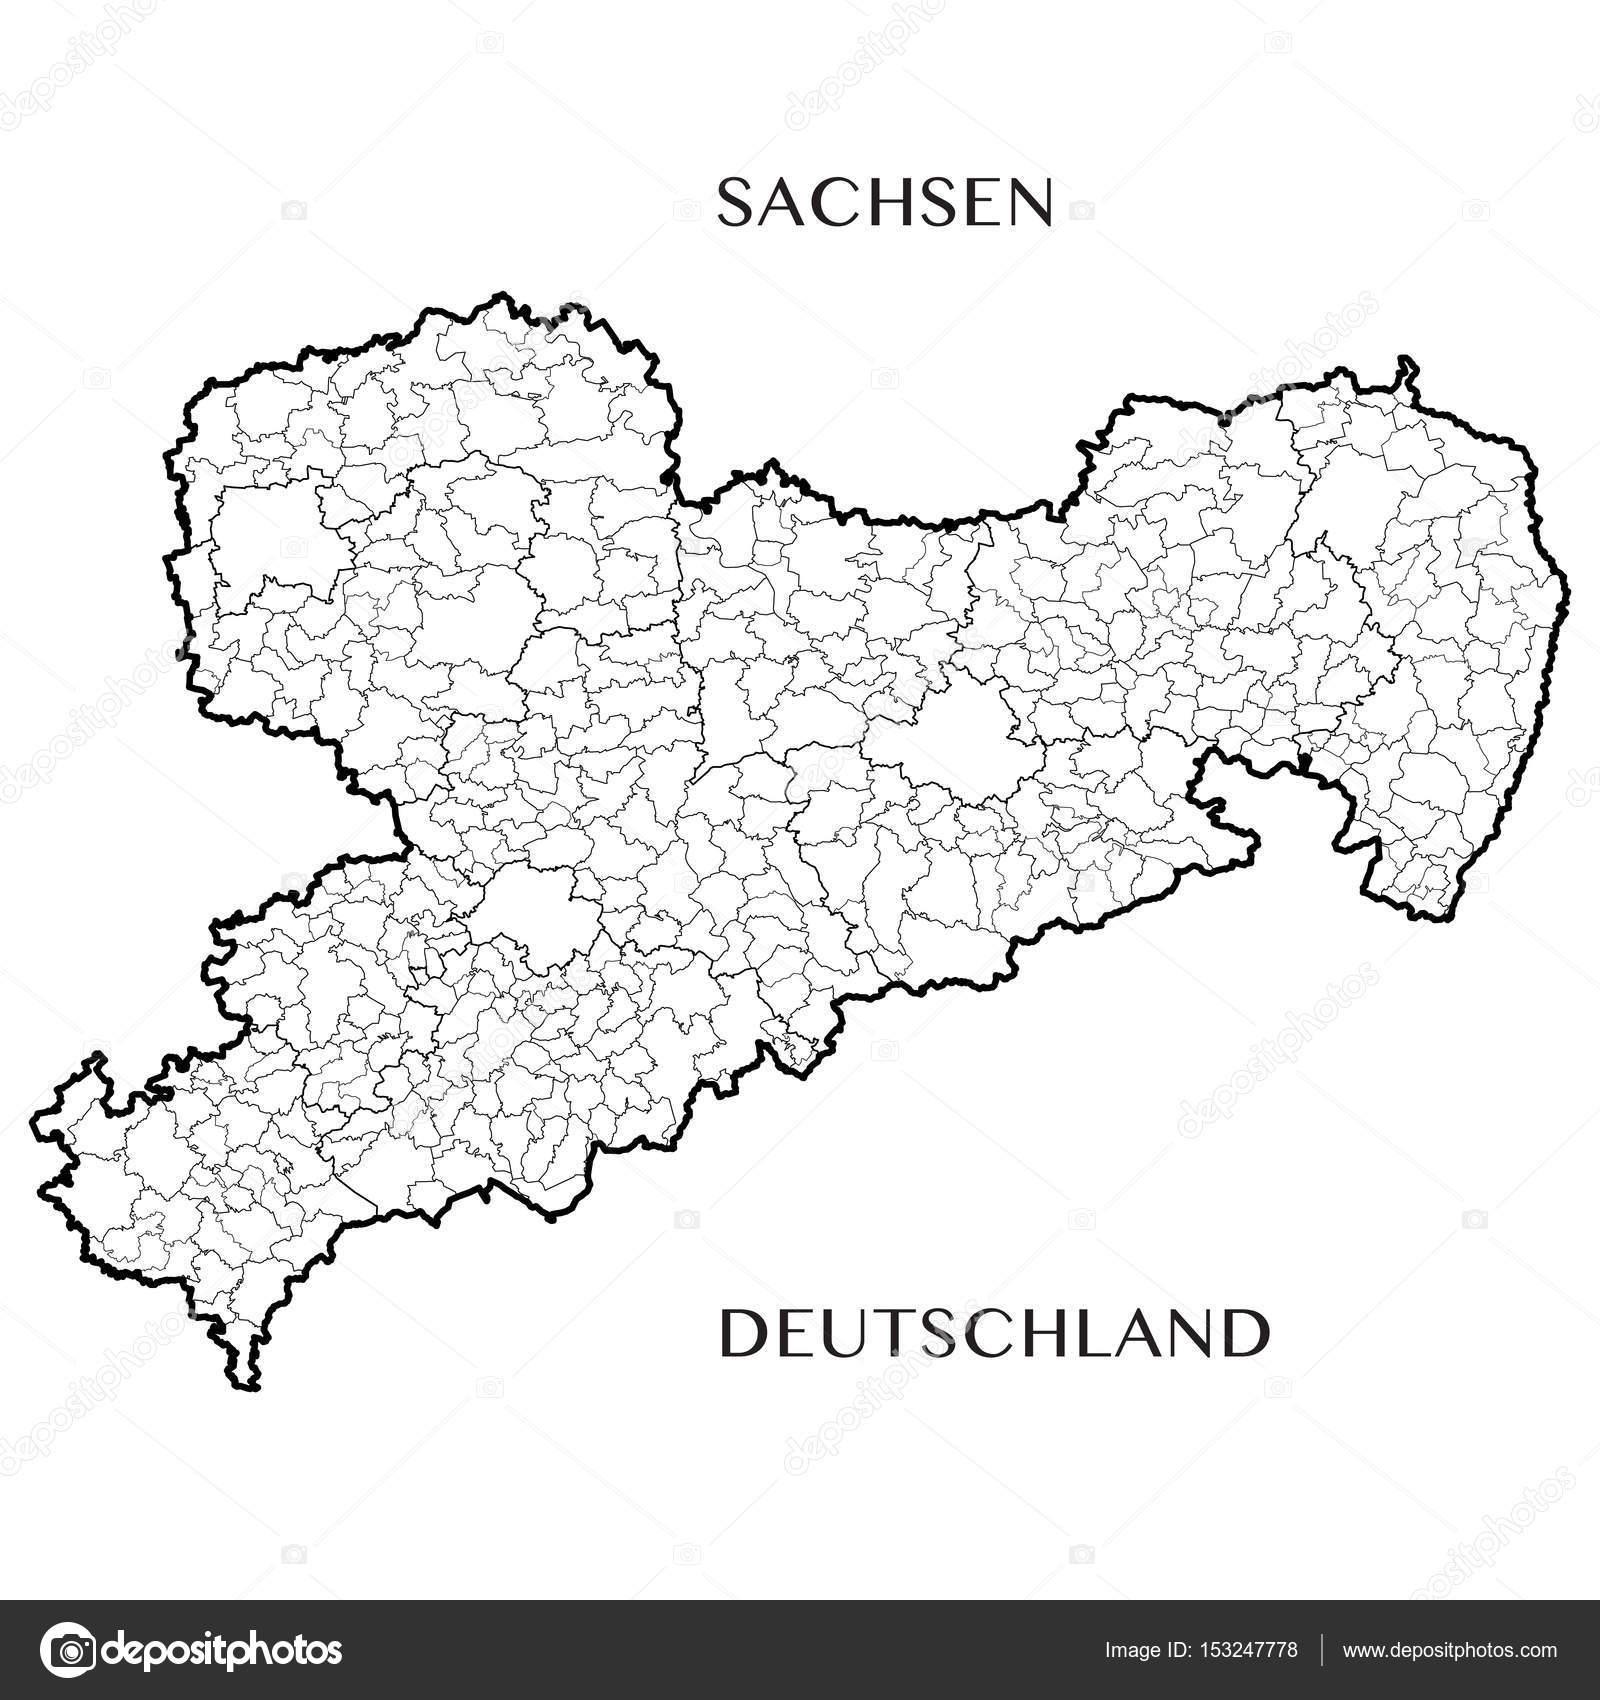 Detaillierte Karte Des Freistaates Sachsen Deutschland Mit